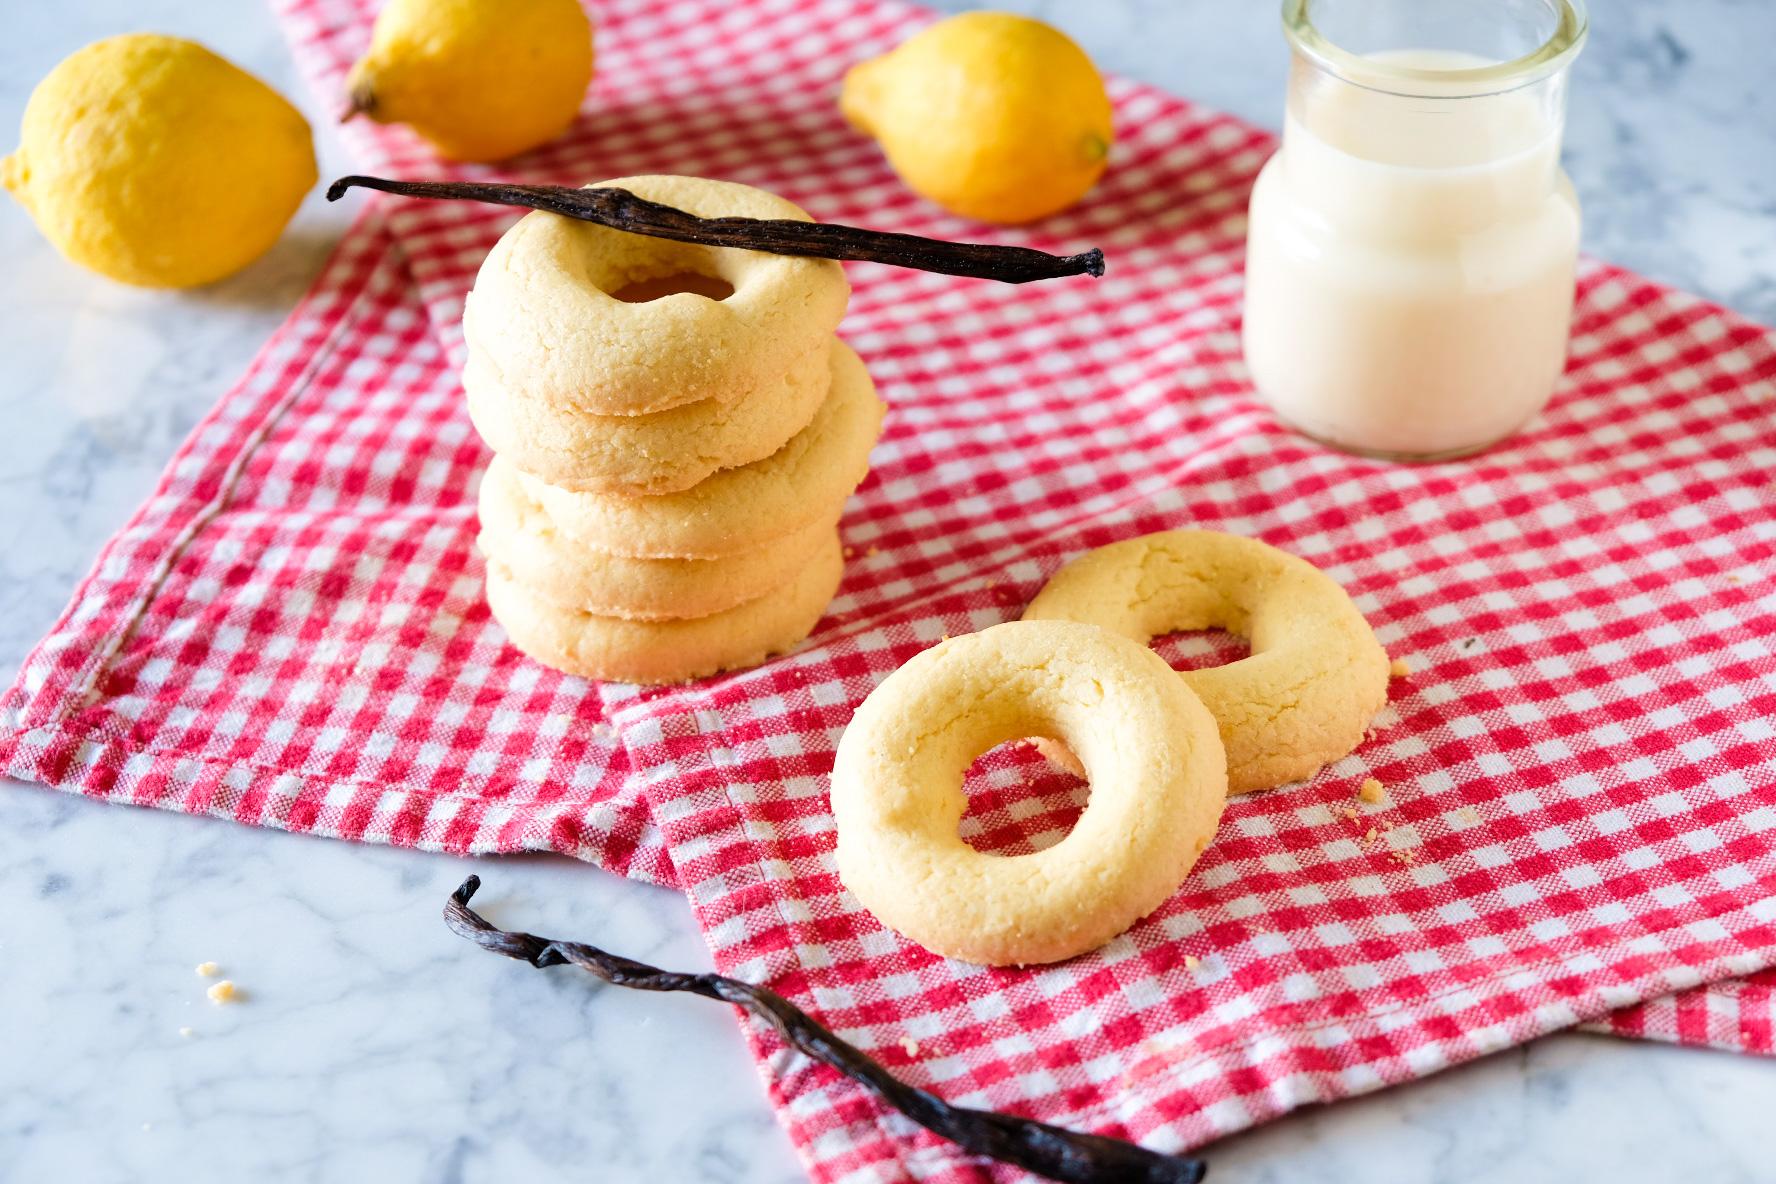 biscotti al limone vaniglia colazione merenda